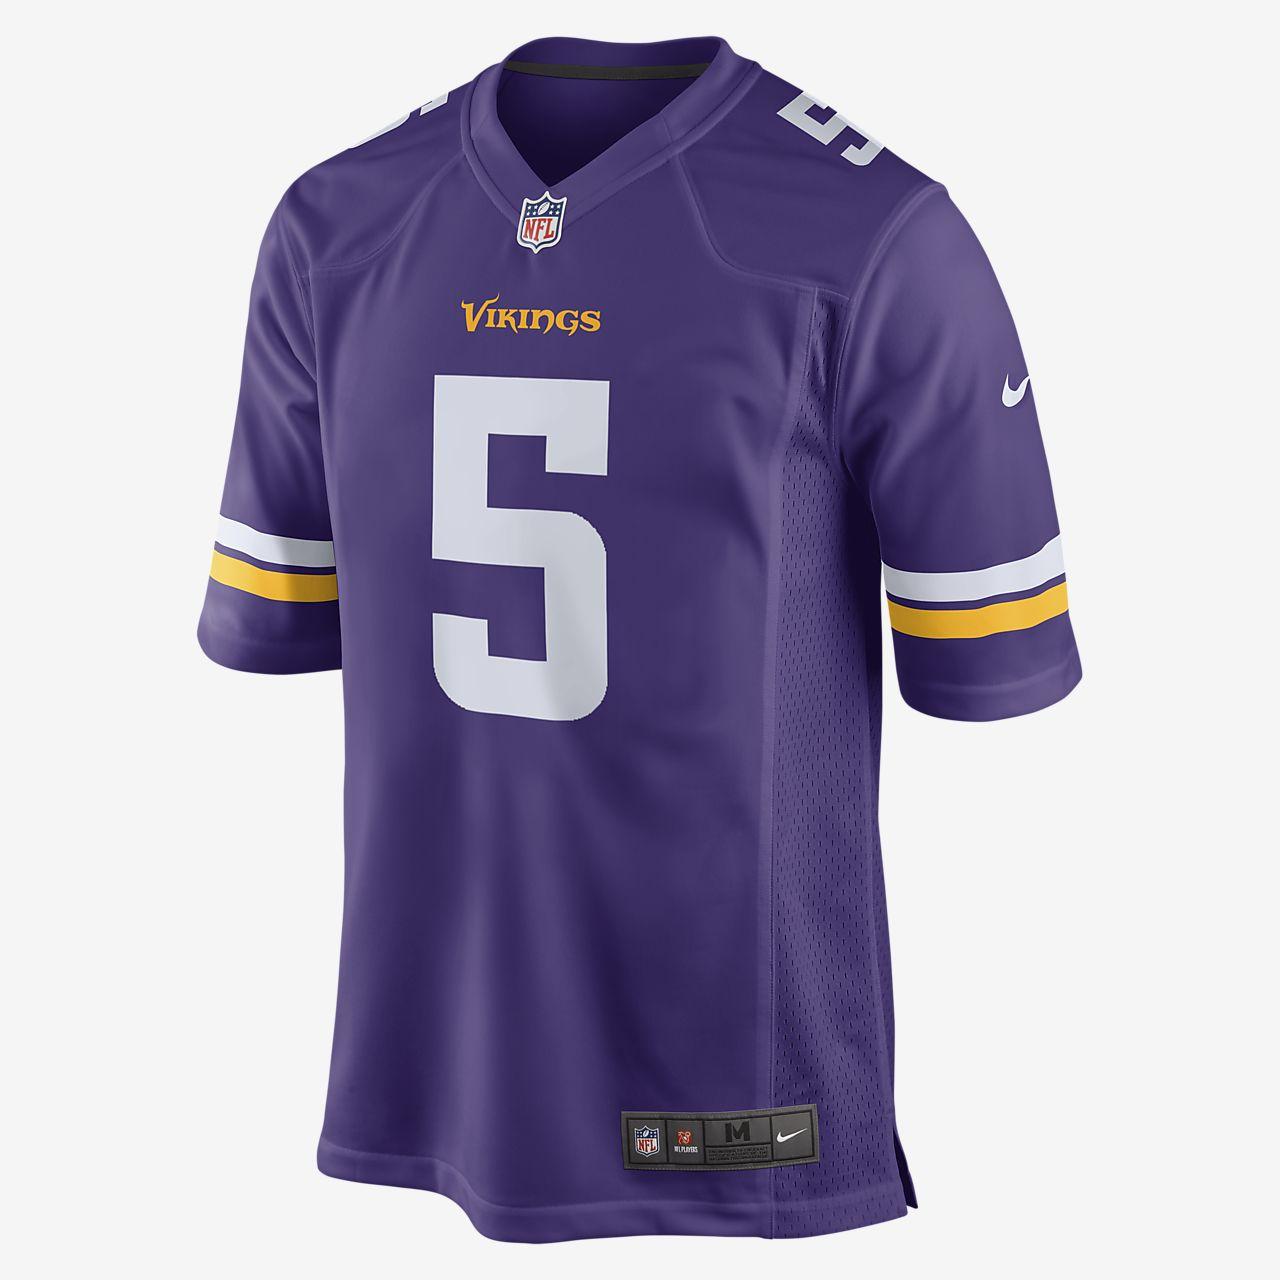 Męska domowa koszulka meczowa do futbolu amerykańskiego NFL Minnesota Vikings (Teddy Bridgewater)